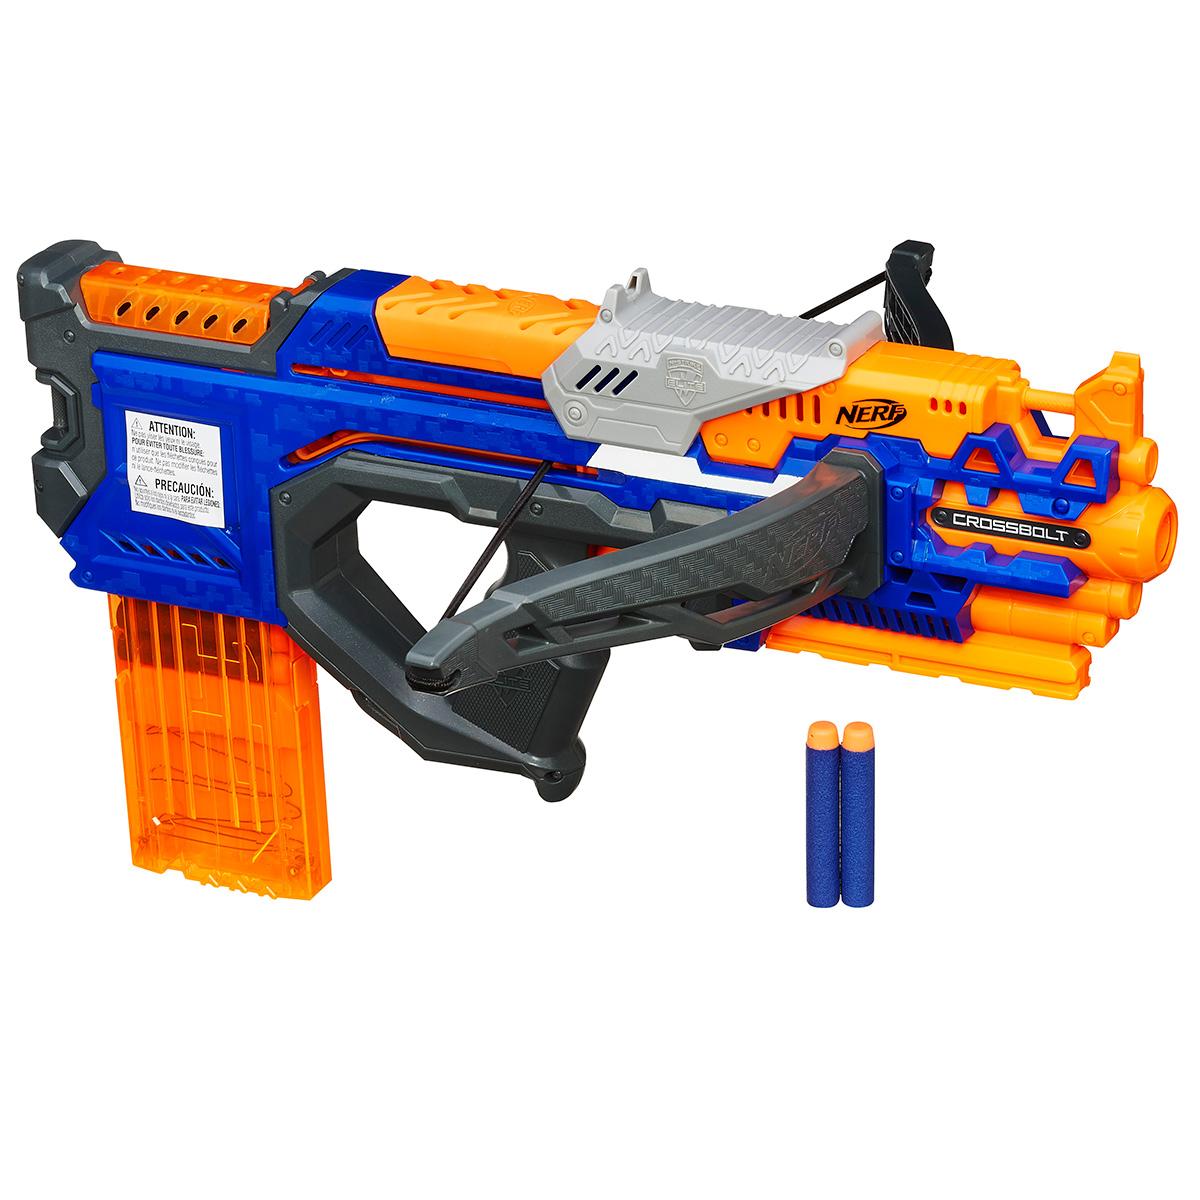 Бластер Nerf КроссБолт, цвет: оранжевый, синийA9317EU4Бластер Nerf КроссБолтот американского бренда Hasbro является отличным оружием для детских игр в войнушку! Любой мальчишка, любящий активные игры, по достоинству оценит этот игрушечный бластер! Его конструкция имеет миниатюрный лук с упругой тетивой, что позволяет ему стрелять дальше, чем обычные бластеры - на расстояние до 27 метров. Также бластер Nerf имеет обойму, которая позволит сделать 12 выстрелов, не заботясь о перезарядке. В комплекте с бластером Nerf КроссБолт вы найдете целых 12 патронов, которые можно зарядить в обойму! Яркая окраска миниатюрных стрел позволит без труда найти их после игры в траве или снегу. Заряды выполнены из мягкого материала, которые не могут травмировать ребенка при прямом попадании.